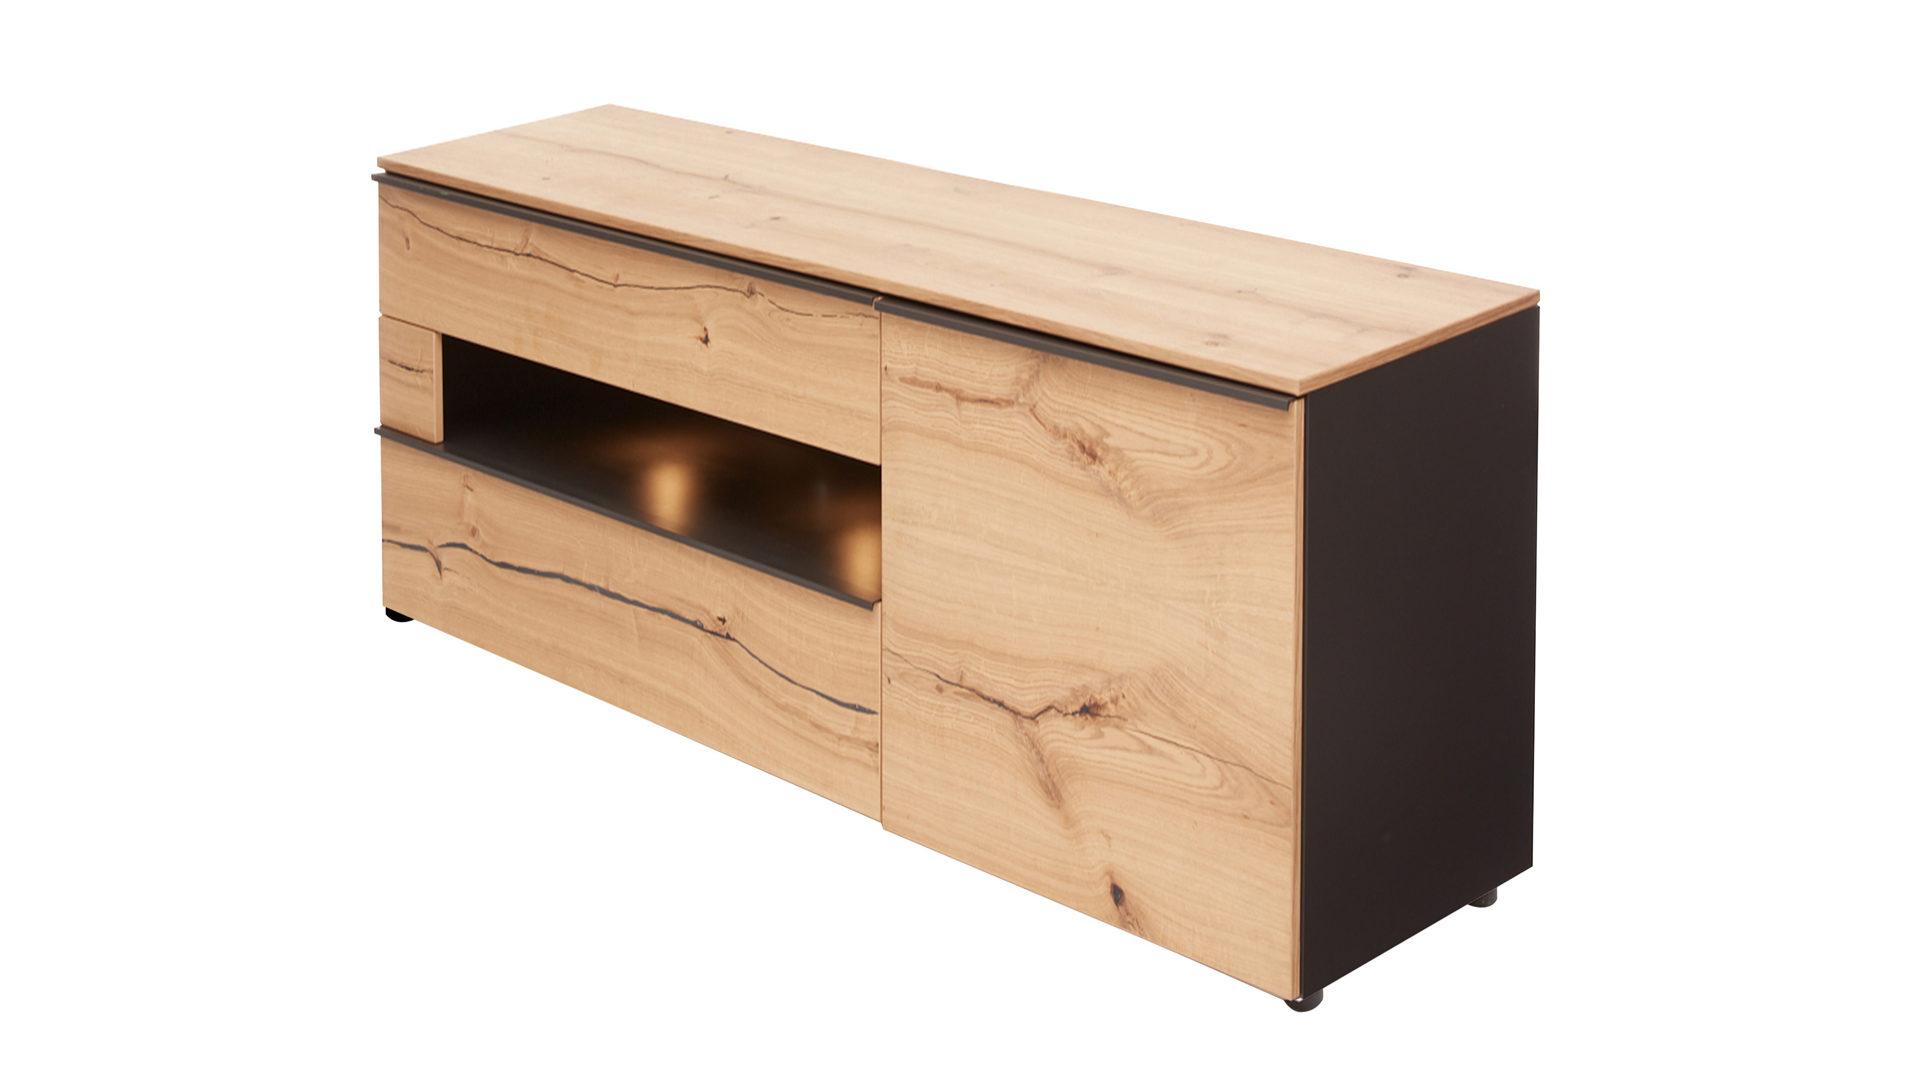 Sideboard Die Hausmarke | Il Aus Holz In Schwarz Interliving Wohnzimmer  Serie 2103 U2013 Sideboard Schieferschwarzer